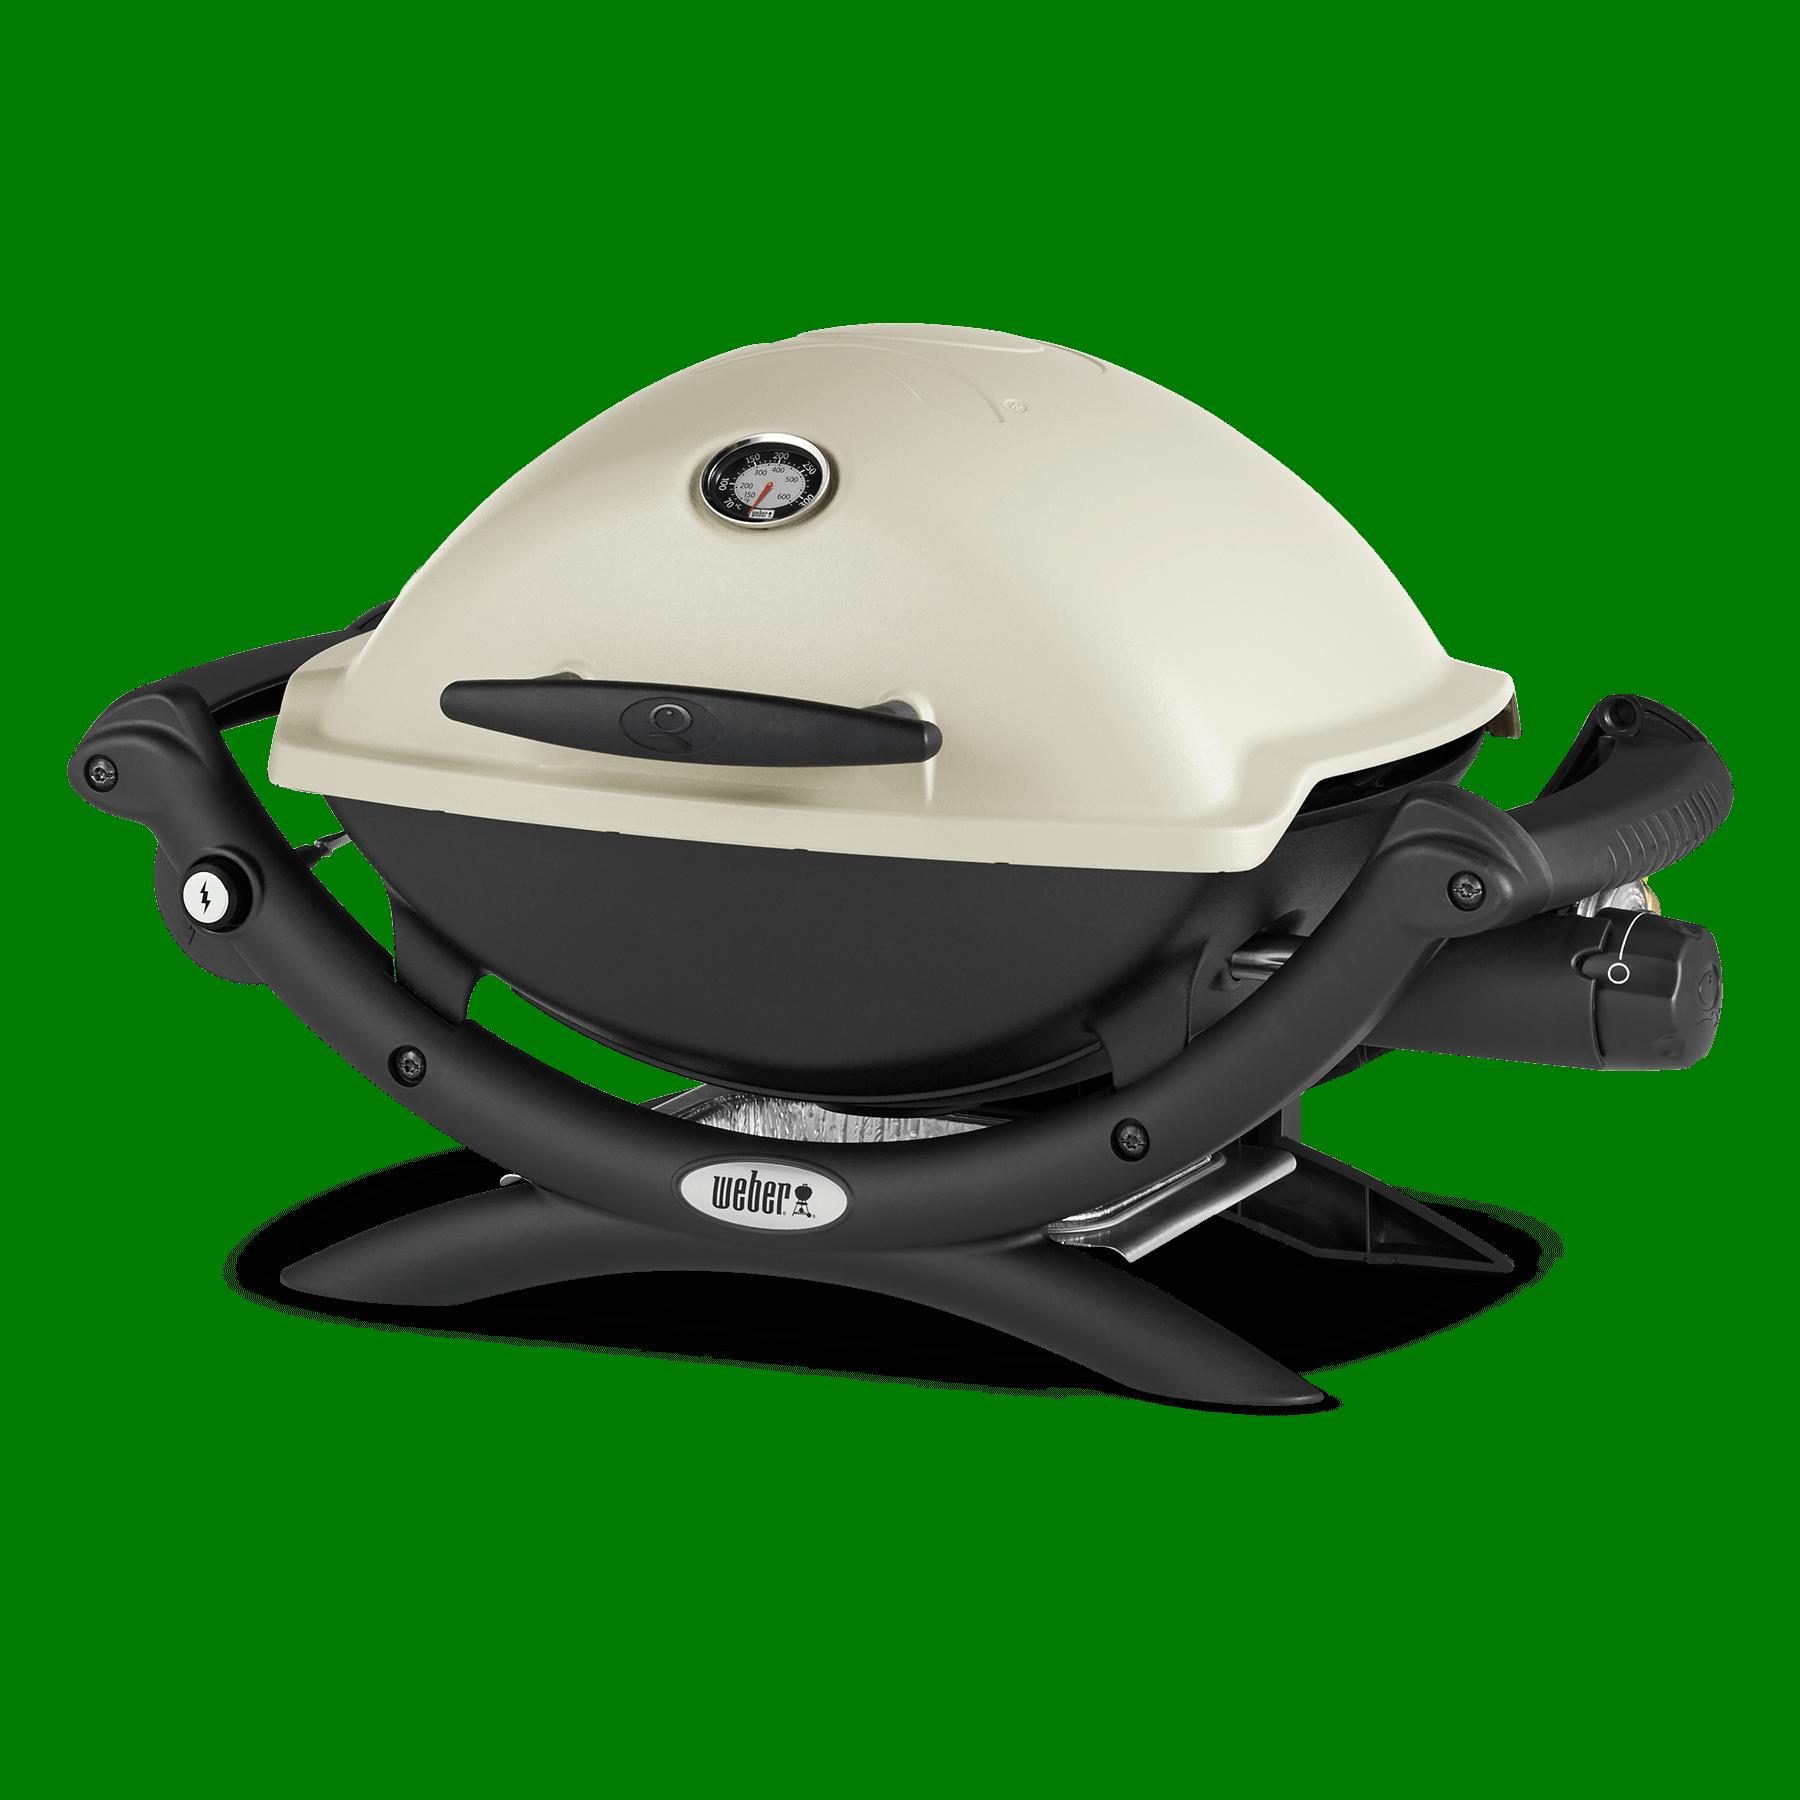 Weber® Q 1200ガスグリル